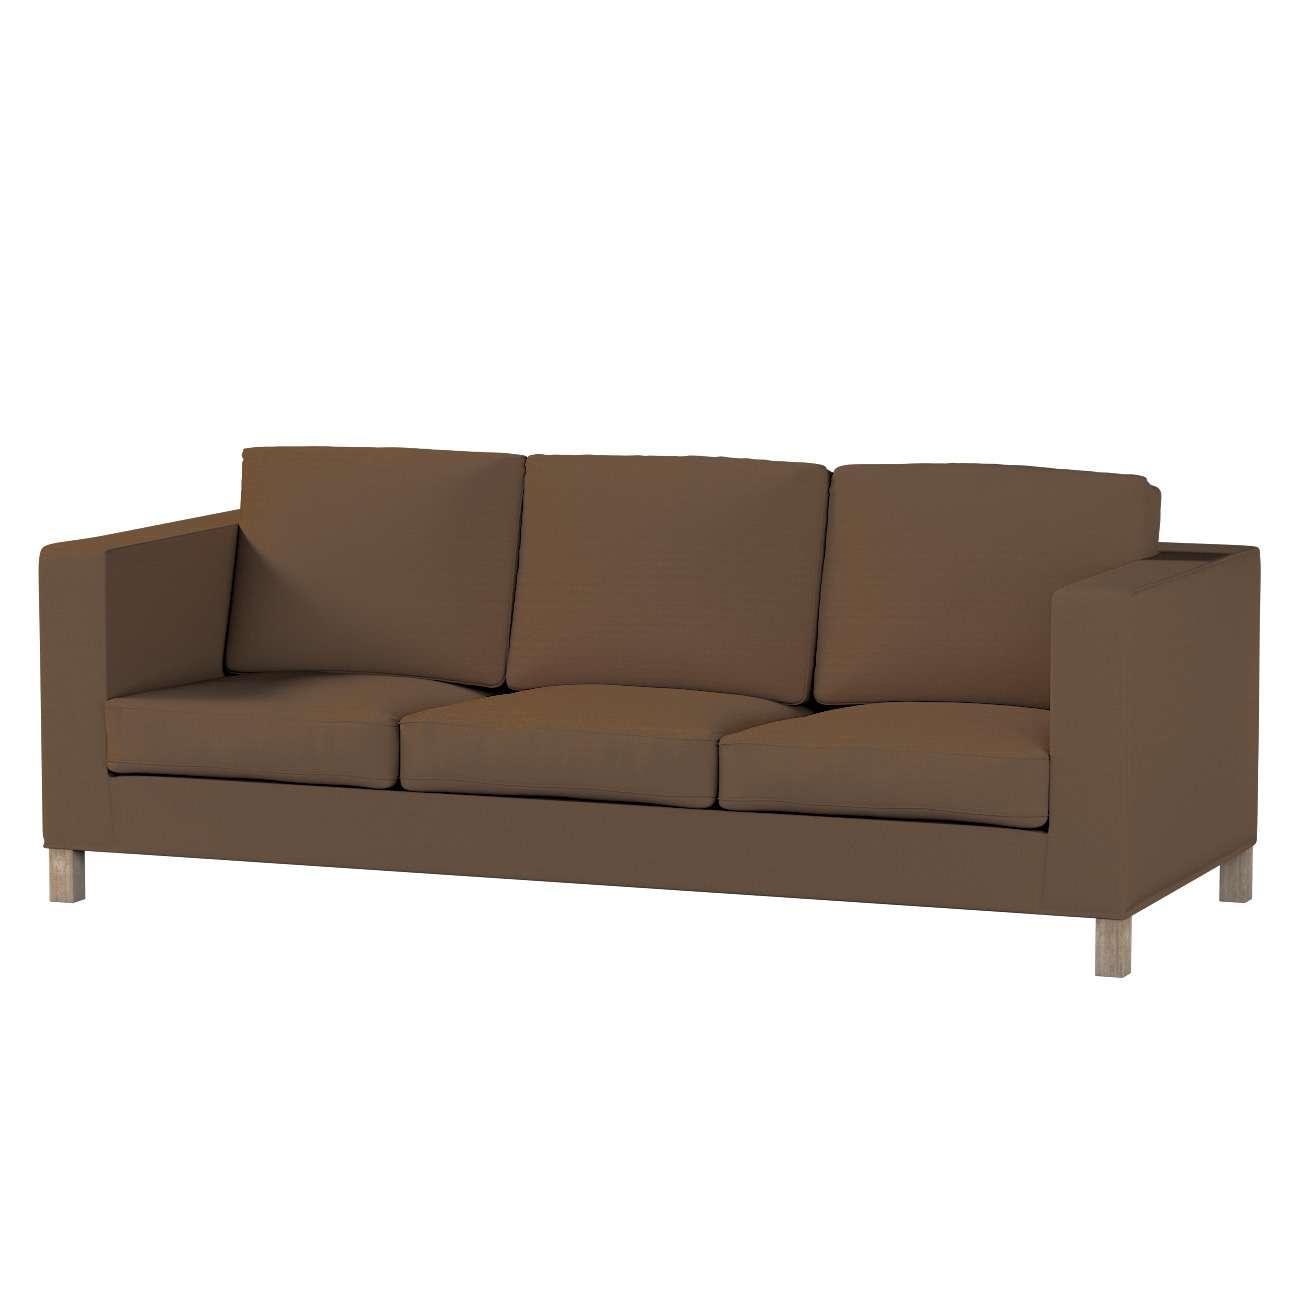 Karlanda 3-Sitzer  Sofabezug nicht ausklappbar kurz Karlanda 3-Sitzer, kurz von der Kollektion Cotton Panama, Stoff: 702-02